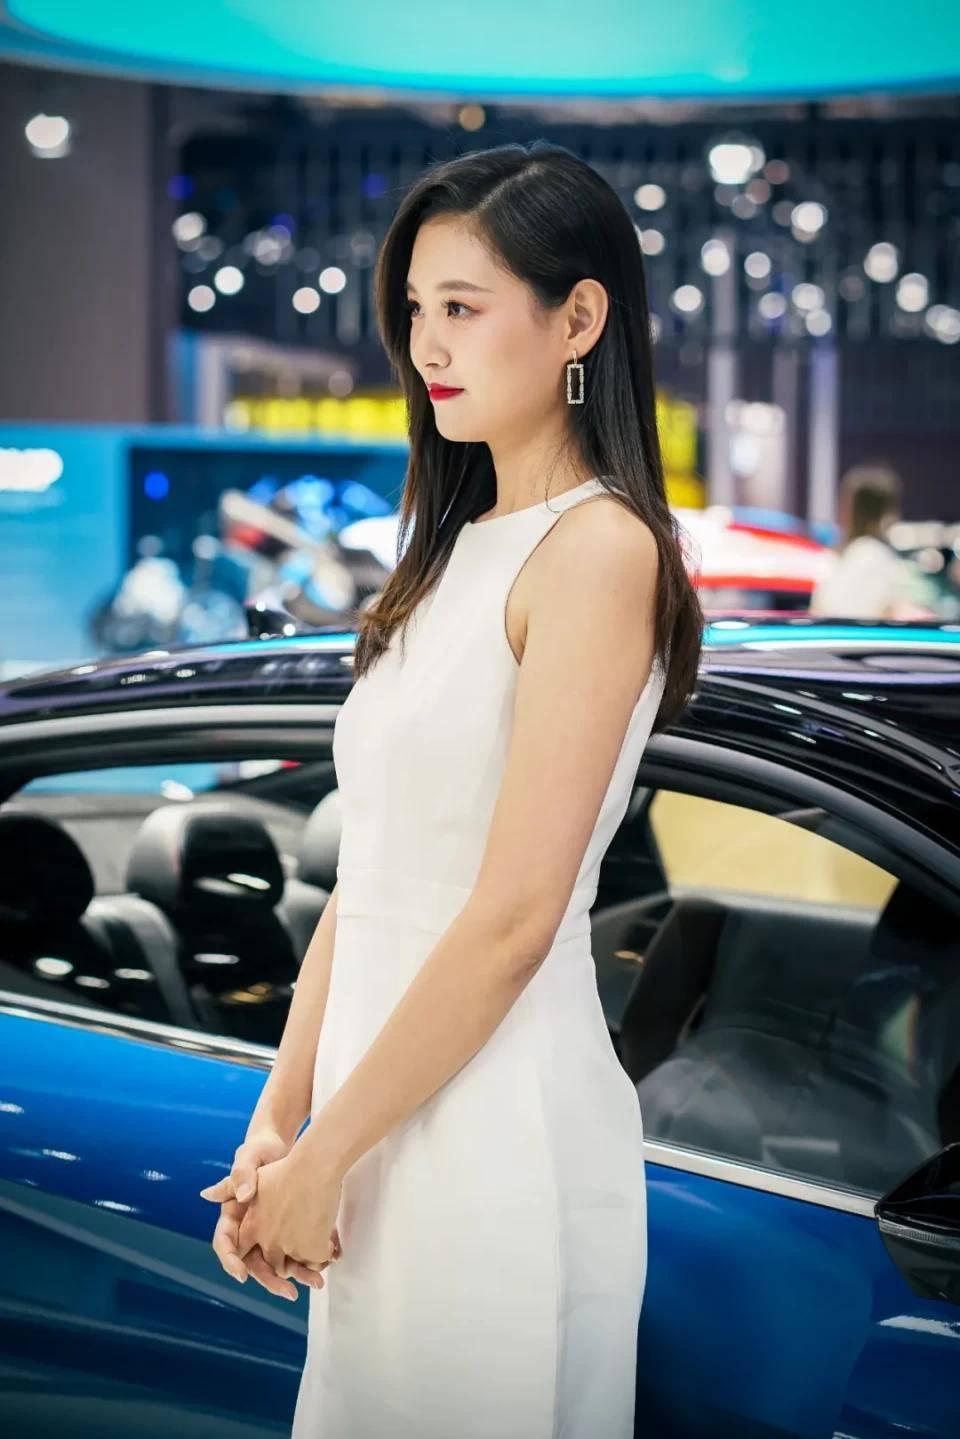 图赏:上海车展上的车模小姐姐们(图34)